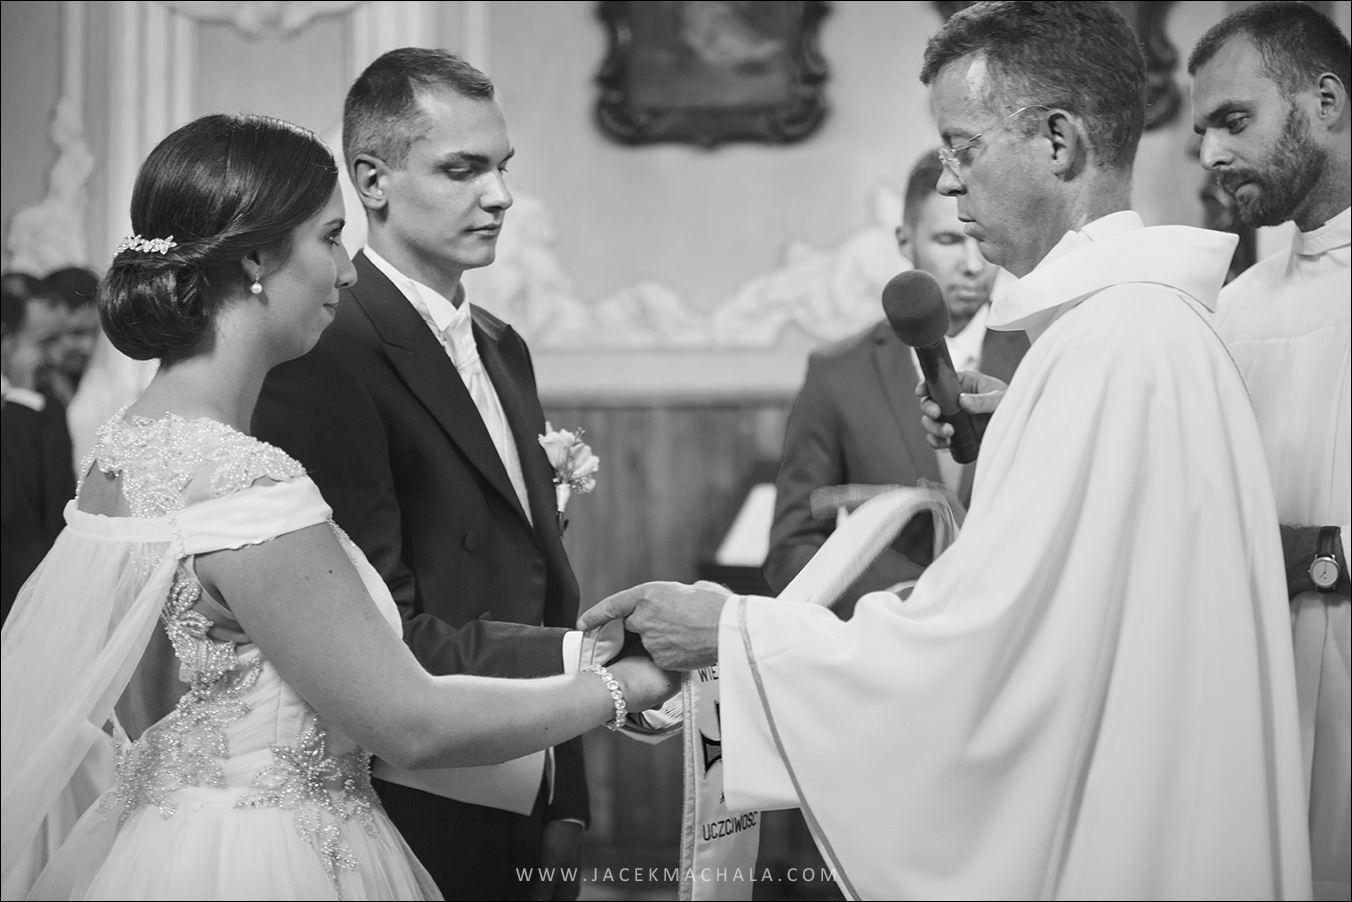 slask fotograf bielsko biala diana i dawid 25 - Hotel Ostaniec - DIANA & DAWID